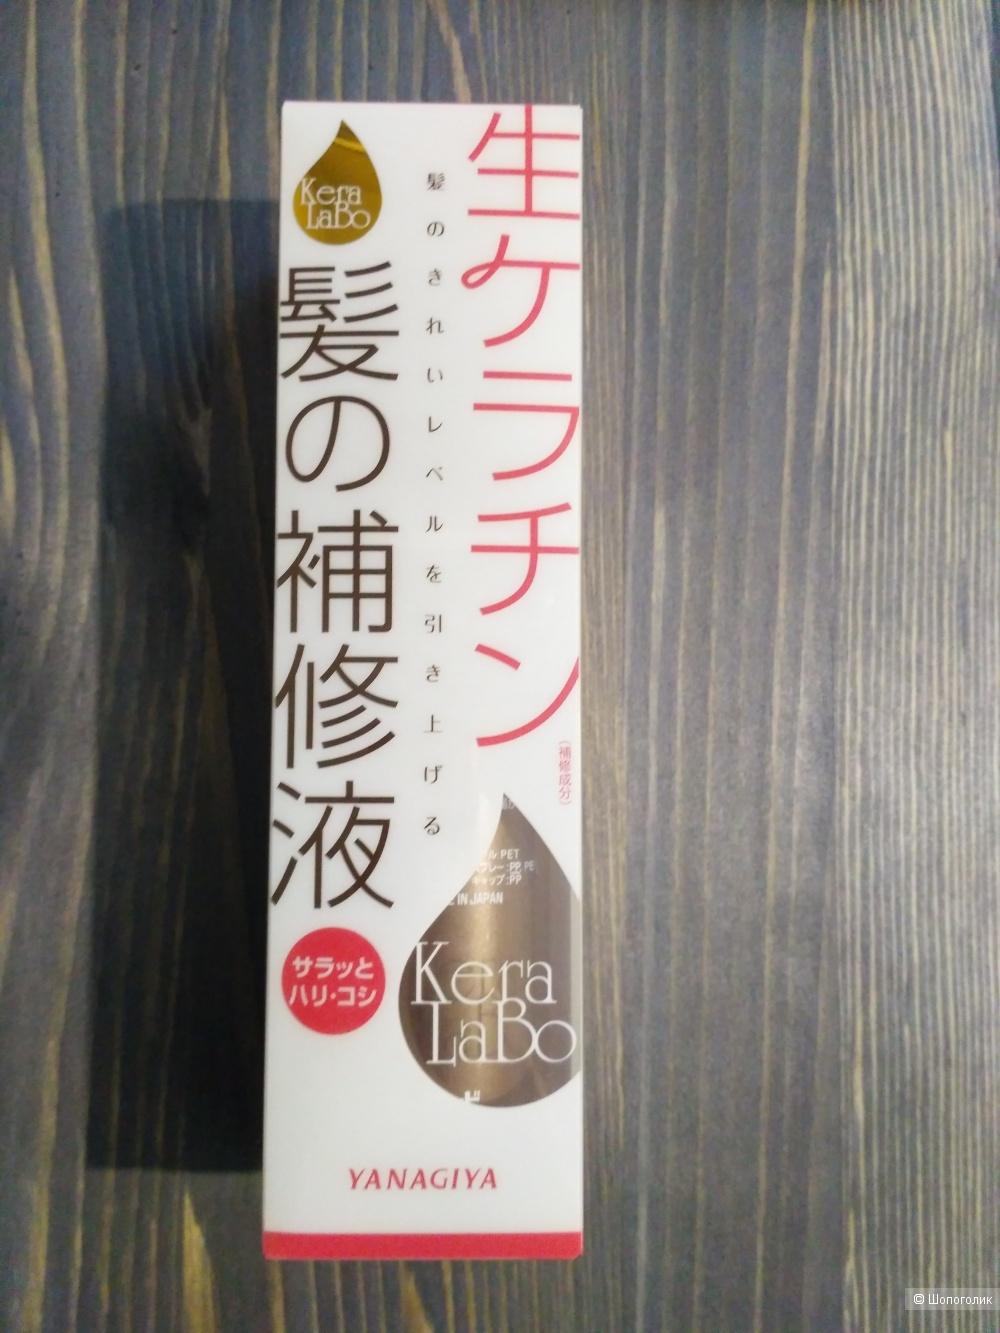 YANAGIYA Kera Labo бессиликоновый спрей для волос с жидким кератином. 200 мл. Япония